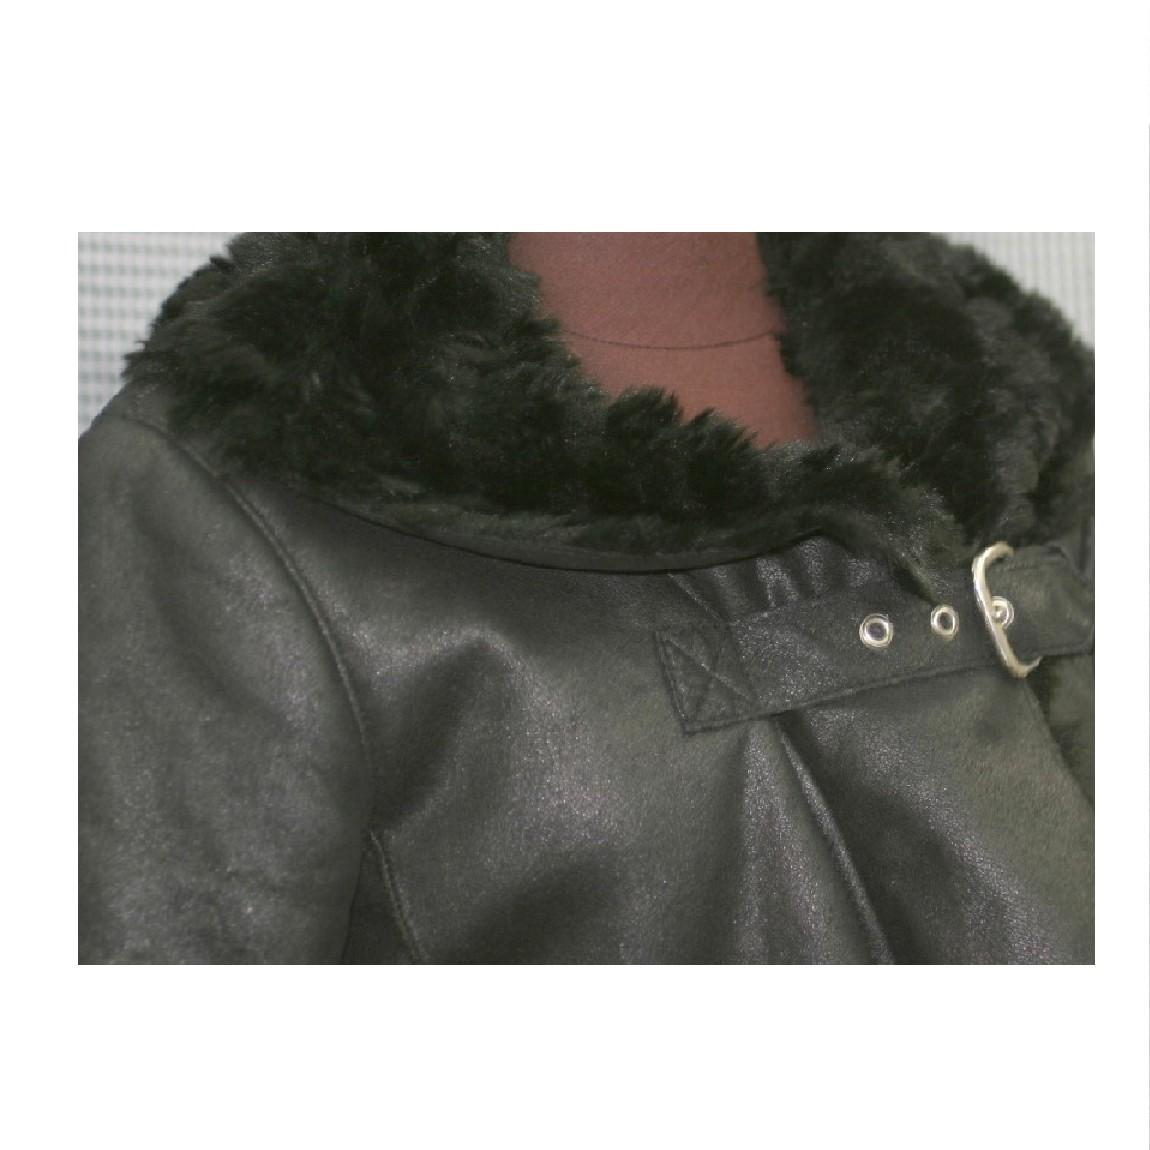 【中古】本物新品同様アルマーニジーンズ女性用黒いコート着丈88センチフェイクファー ○D9-91